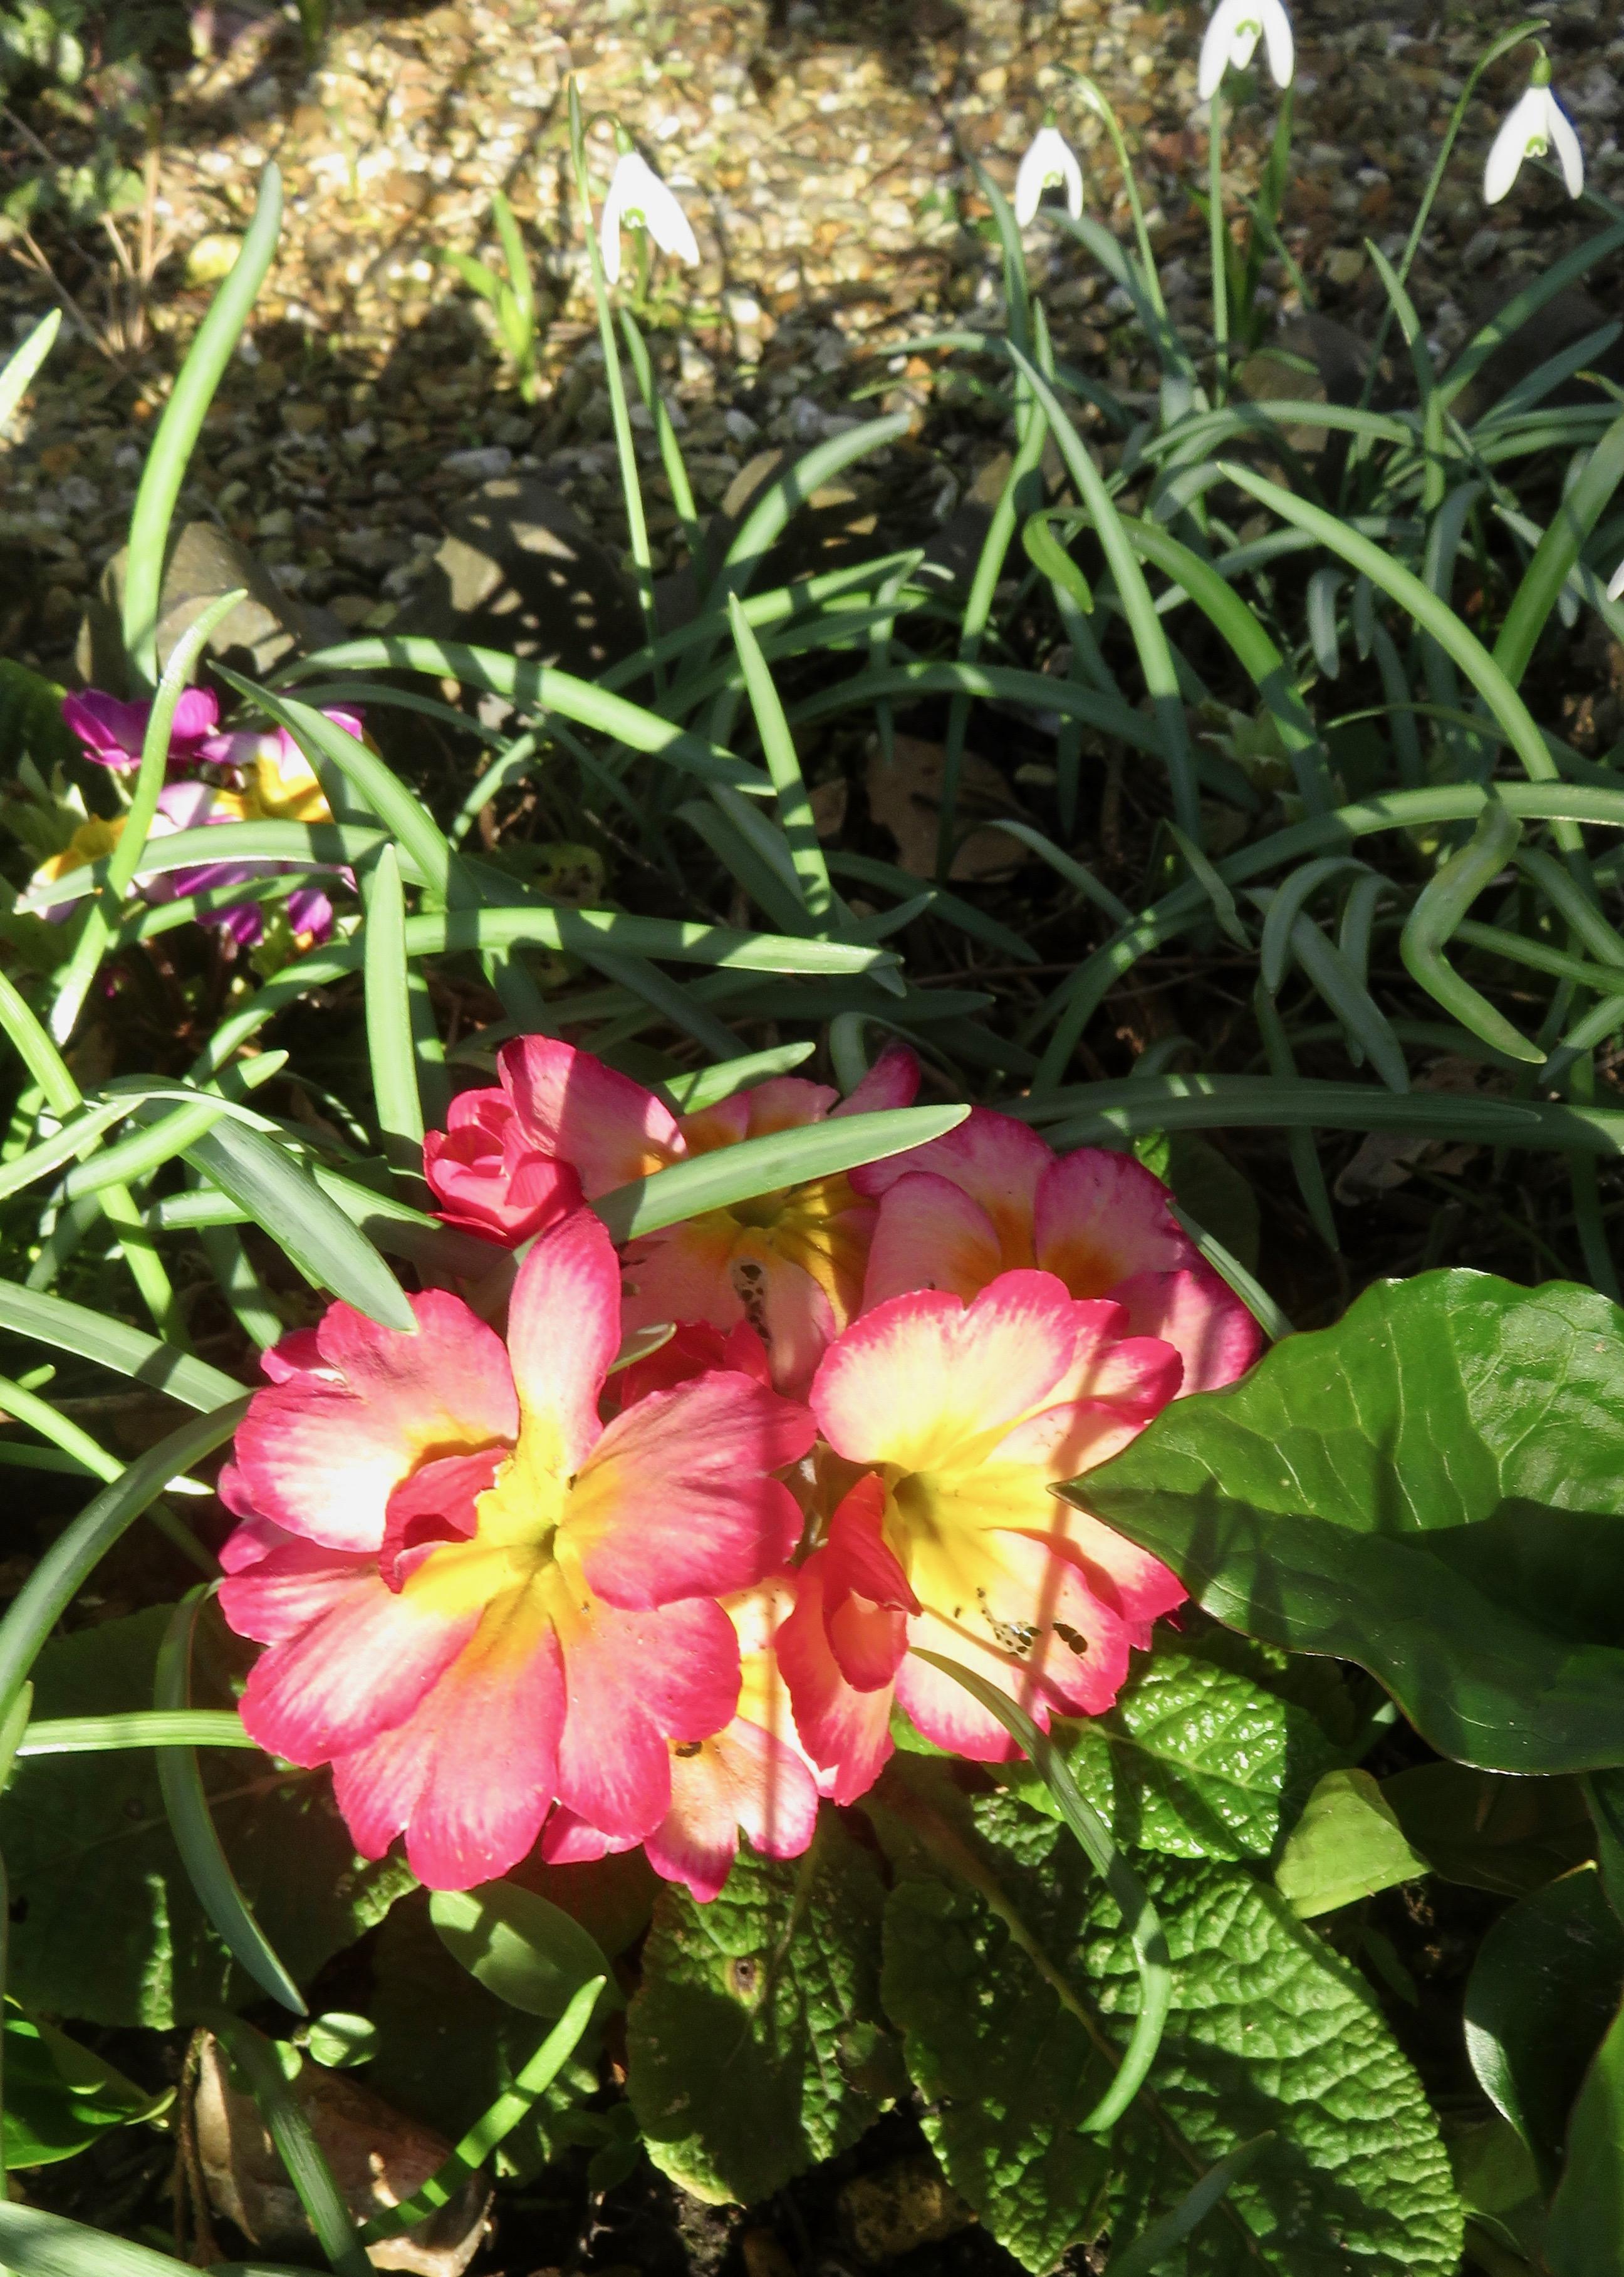 Primulas and snowdrops